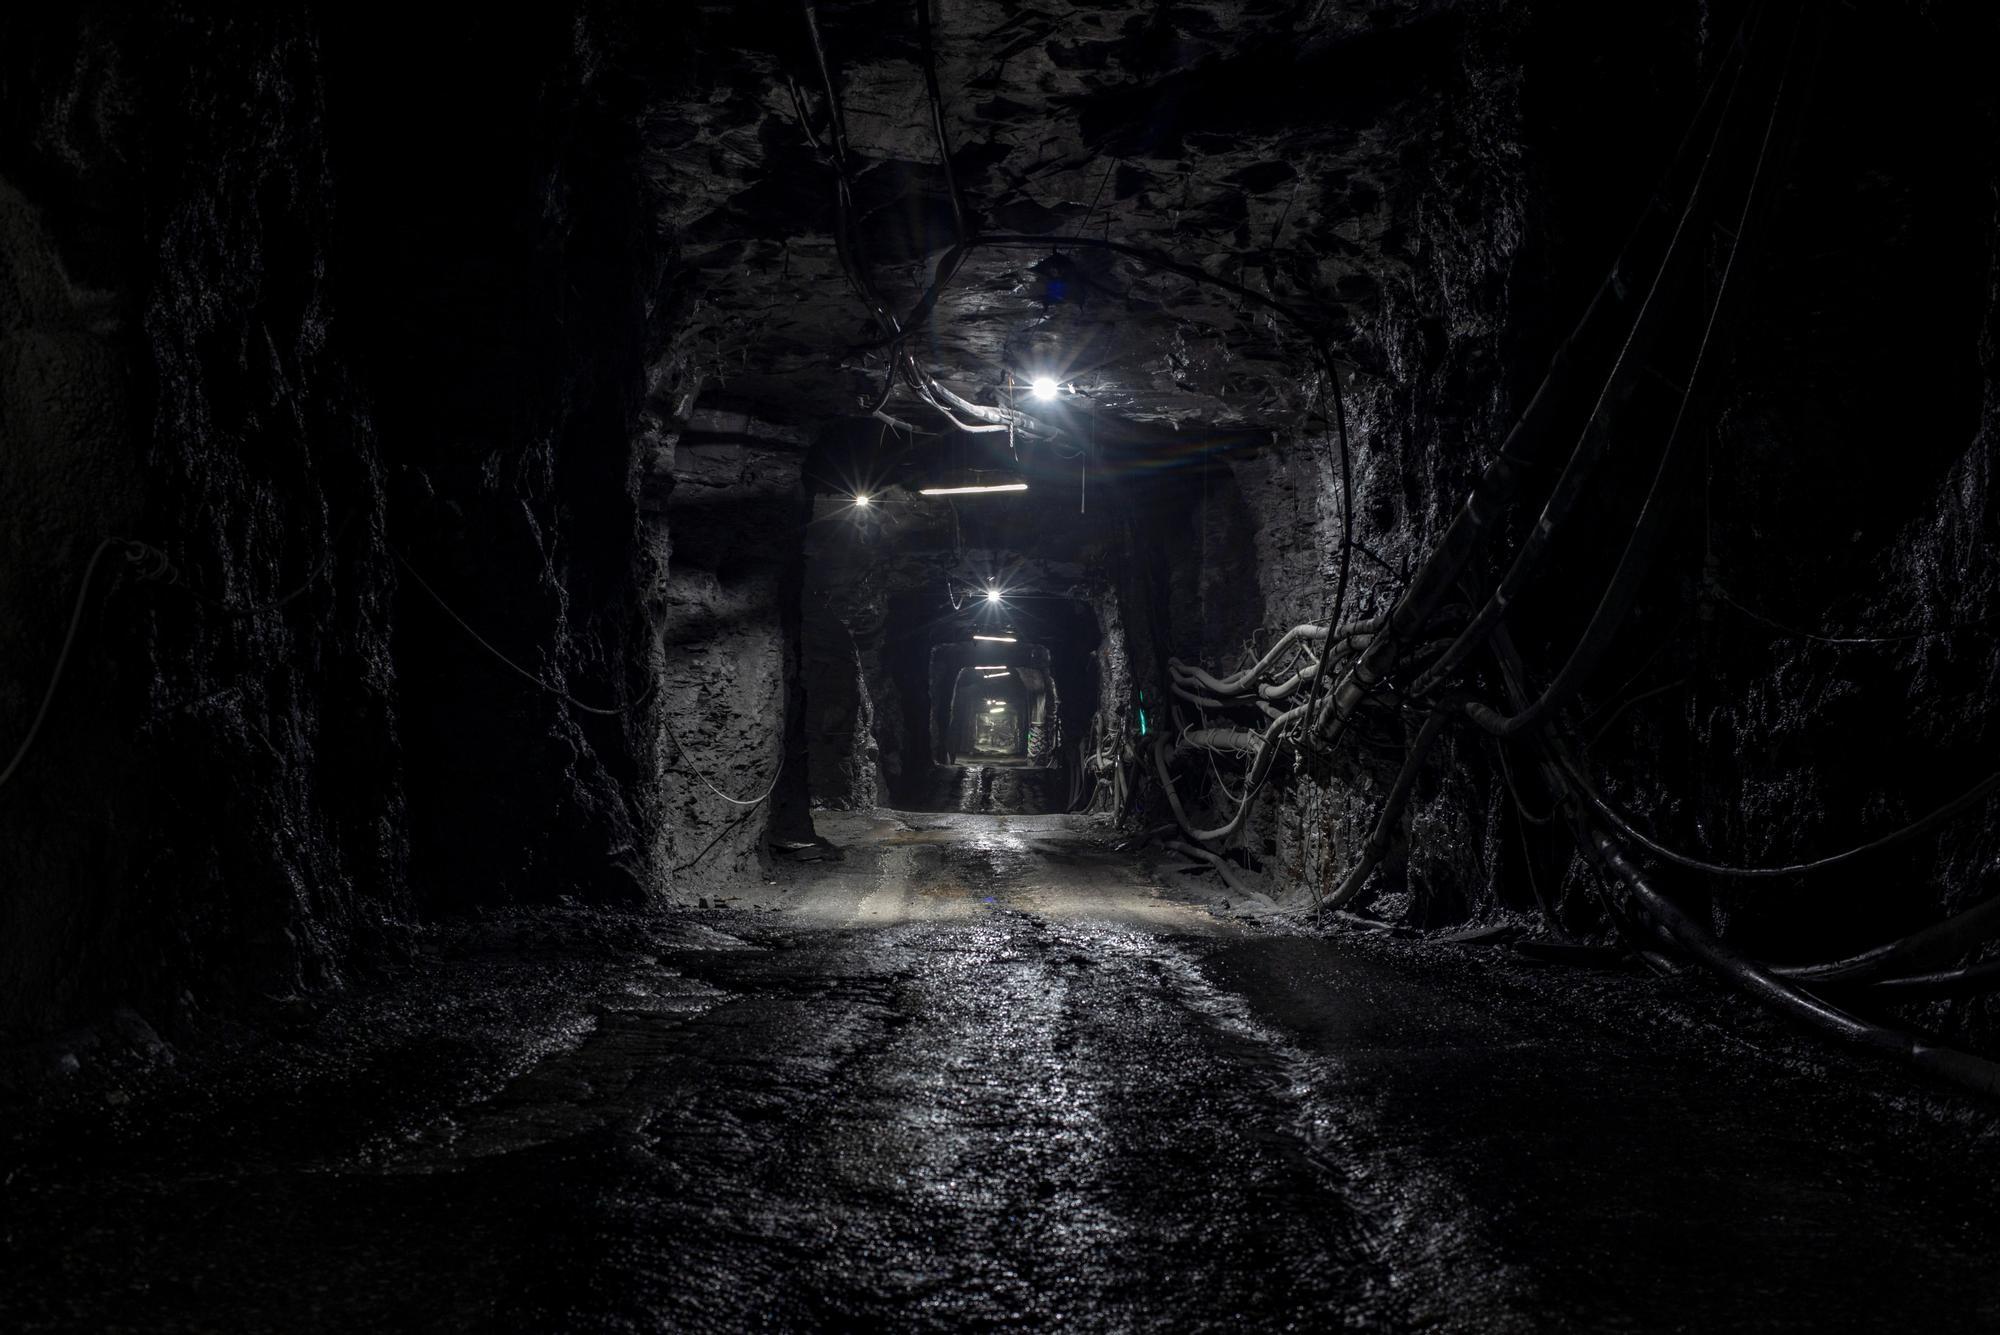 La mina más grande del mundo está en Valdeorras